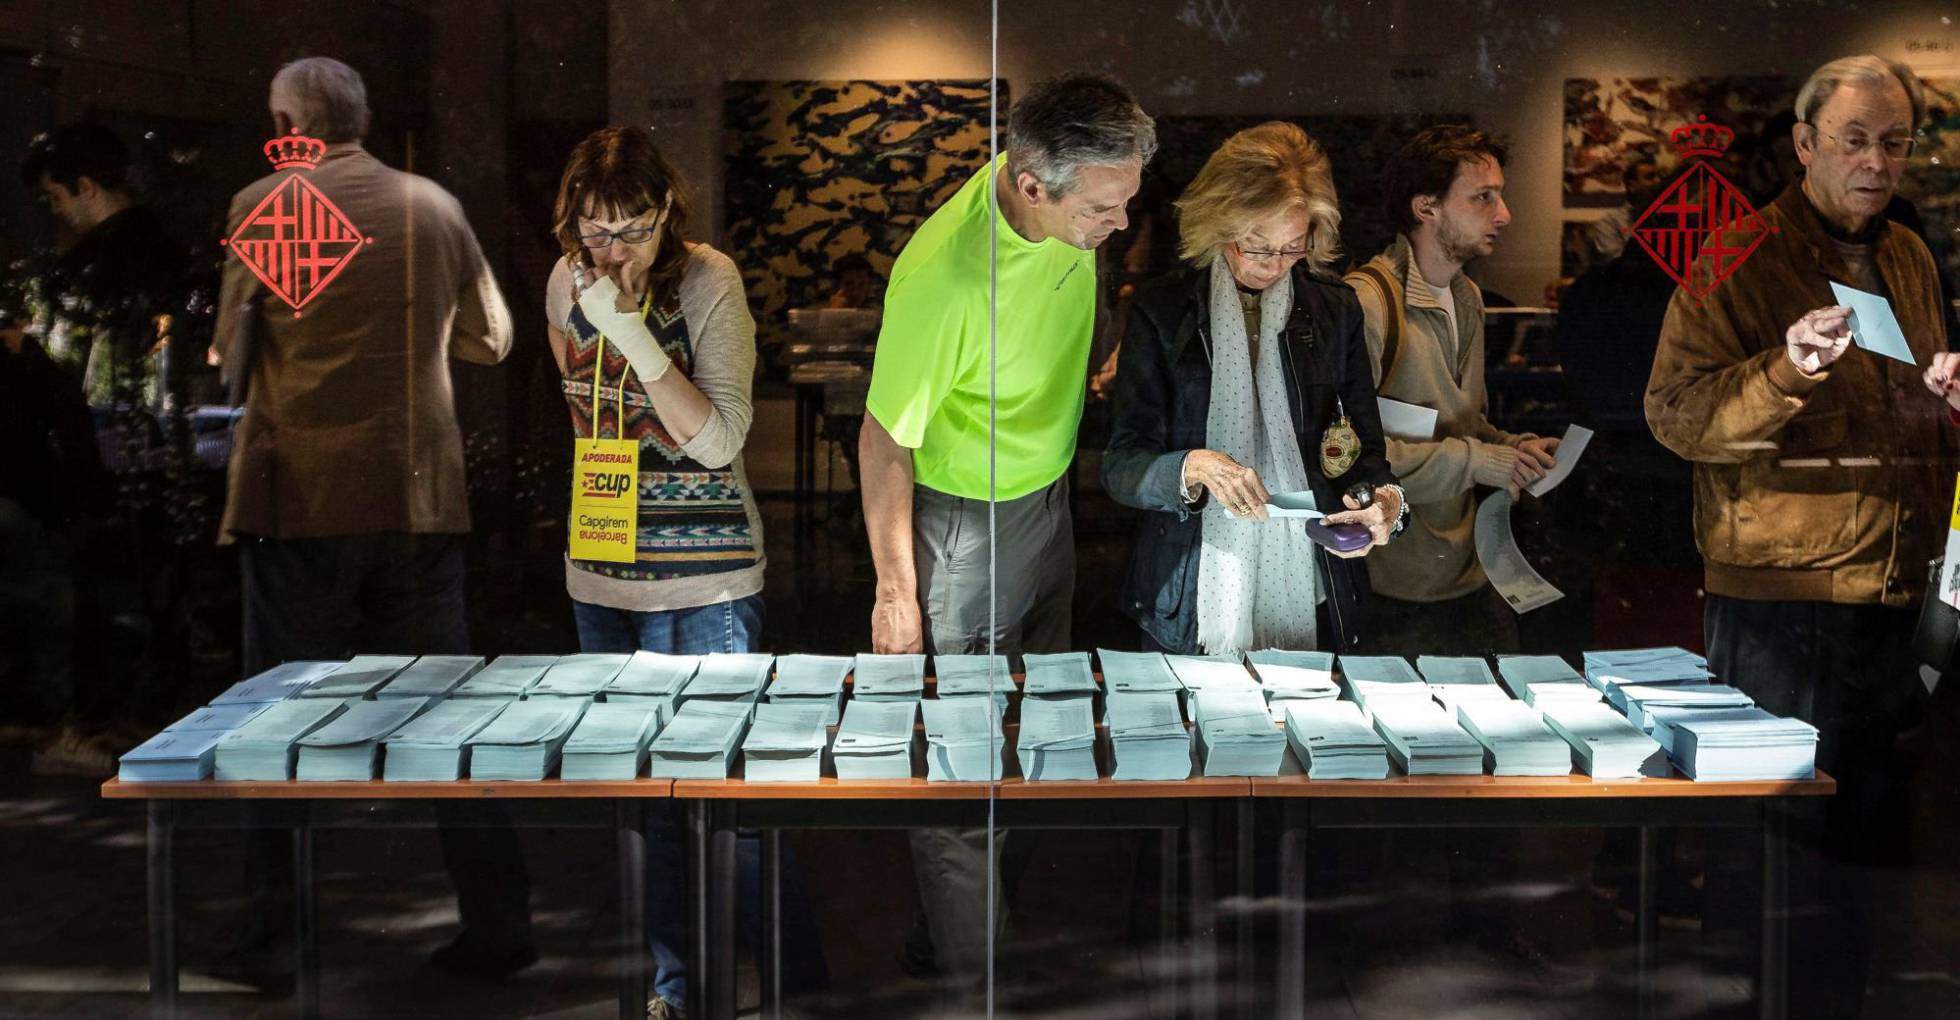 Eleccions municipals: la jornada electoral, en imatges